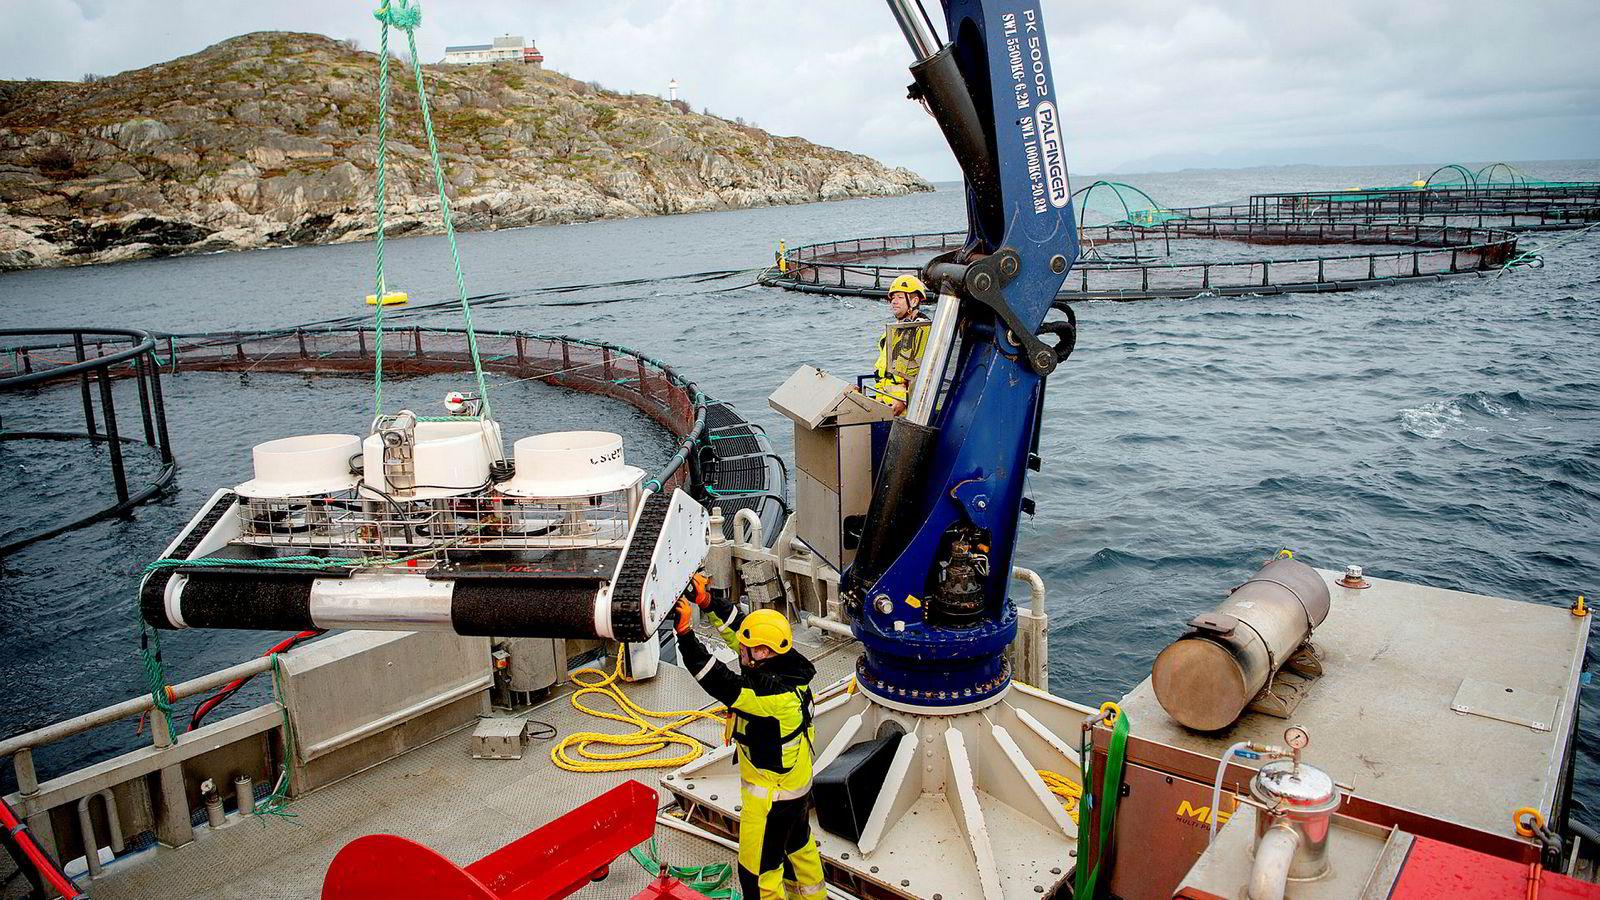 Driftsoperatør Mattias Bårnes (til venstre) og driftsoperatør Stig Edvardsen på Folden Akvas servicebåt heiser ned en vaskerobot i en av oppdrettsmerdene til Lofoten Sjøprodukter ved holmen Bjørnøya ved øya Landegode, utenfor Bodø.